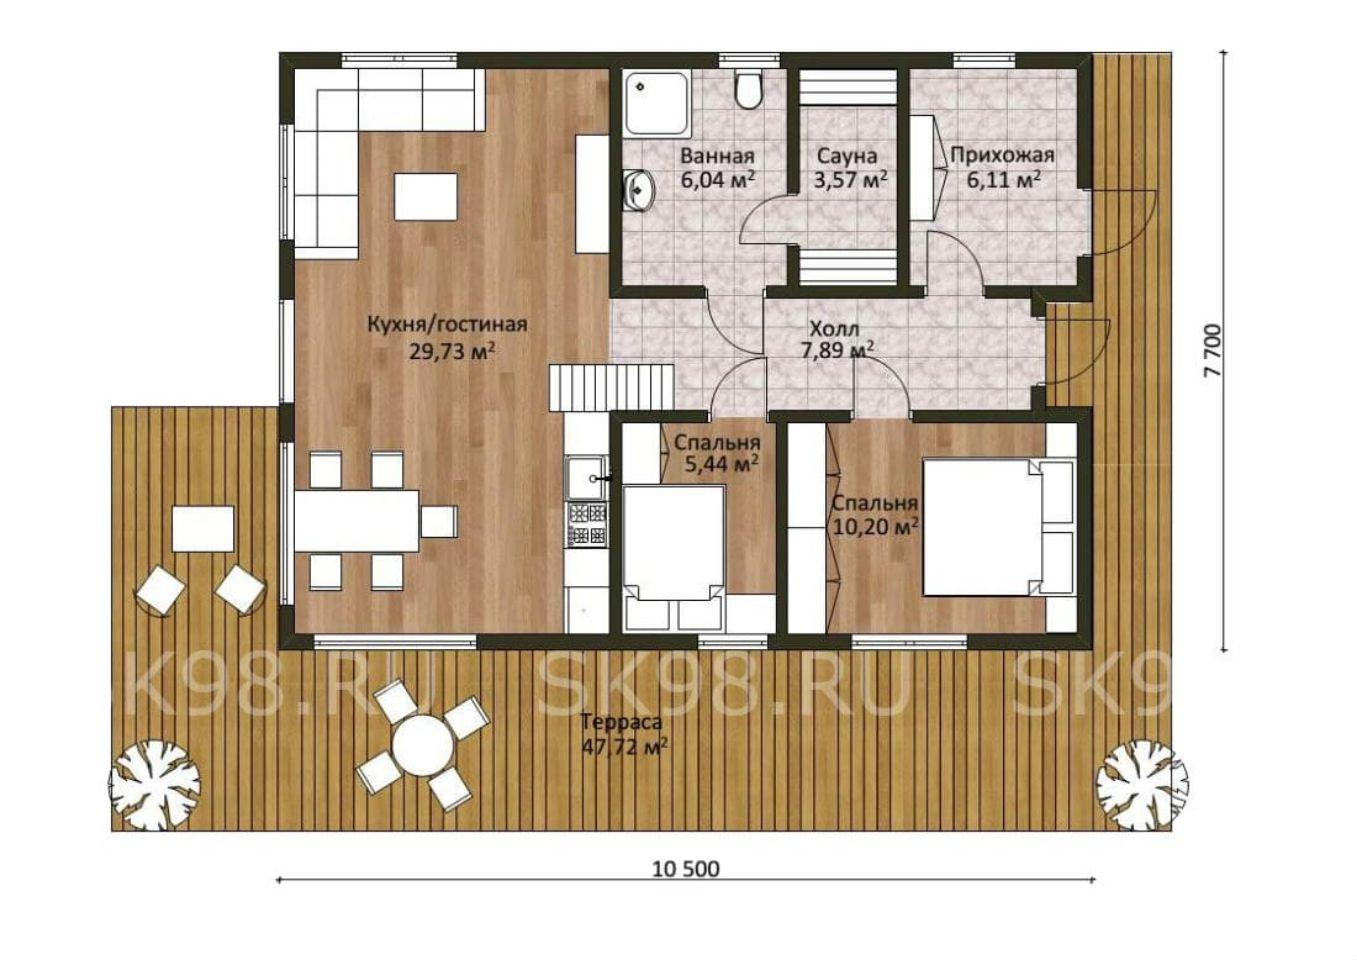 планировка первого этажа дома с лофтом - 133 м²